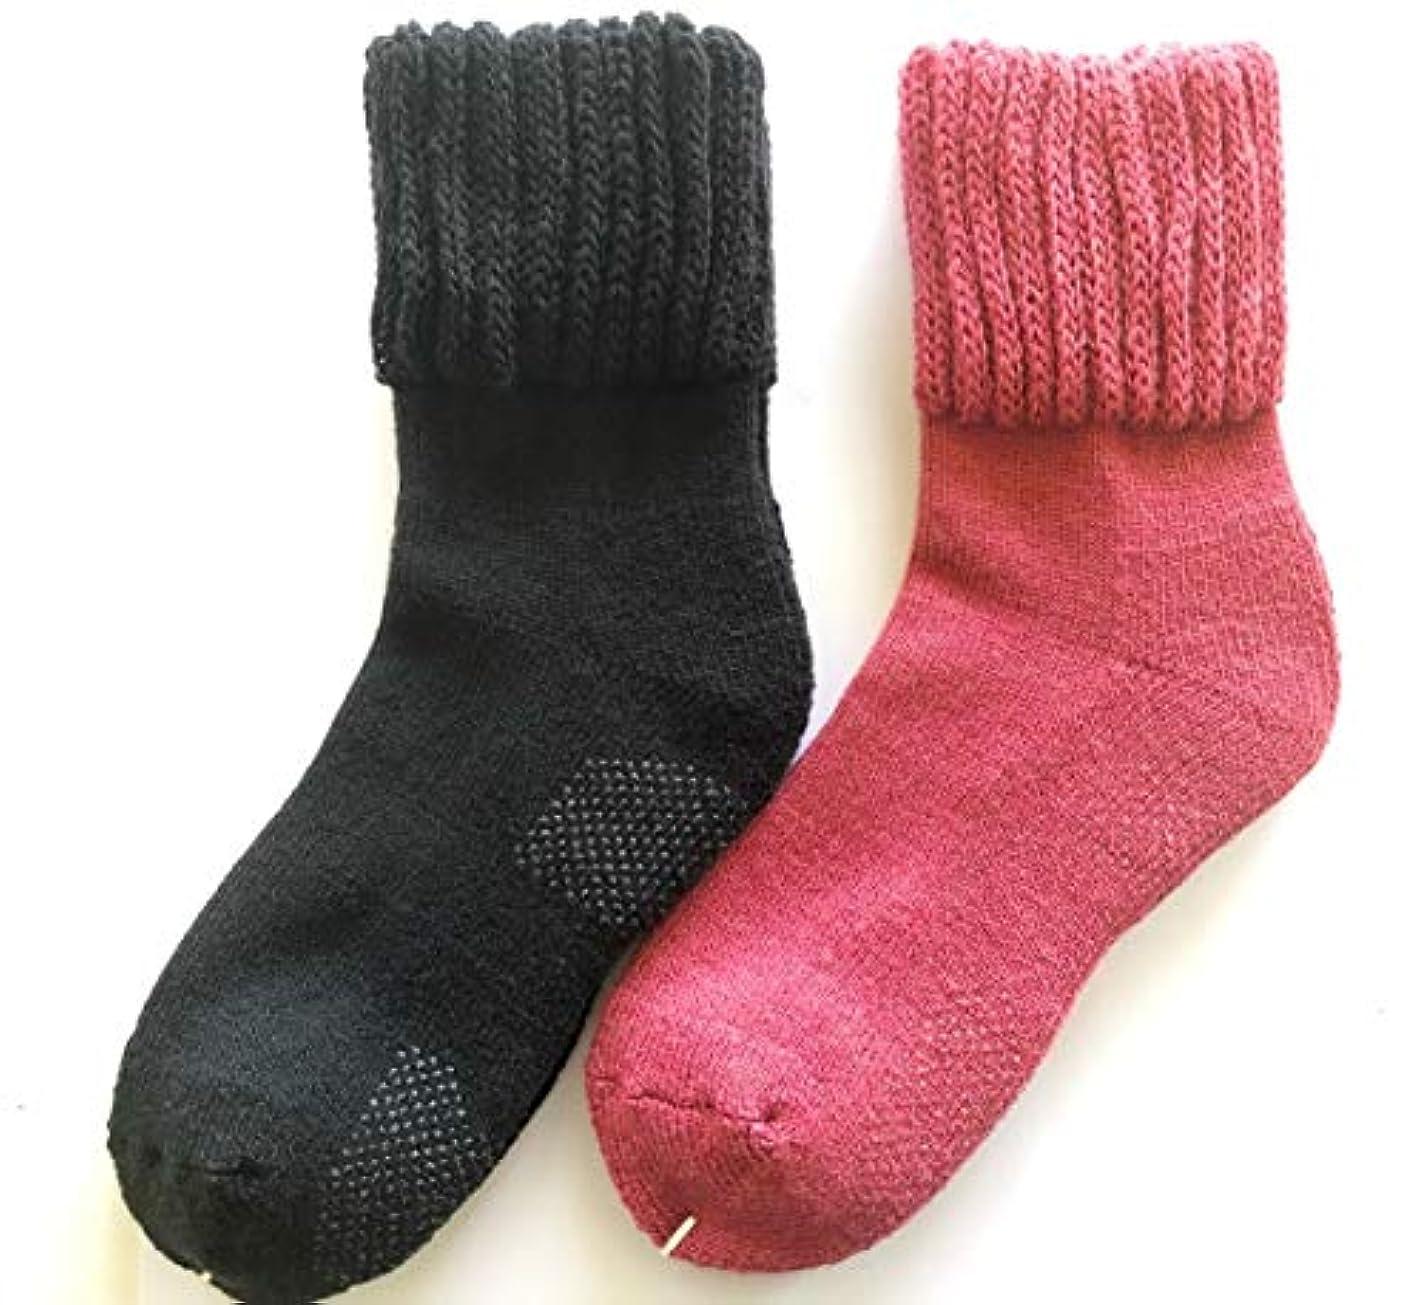 数学的なコート先駆者【在庫処分】この暖かさは半端ない レディース パイル靴下 厚手 ゆったり ゴム 滑り止め 付き 23-25㎝ 冷え 対策 842p 太陽ニット